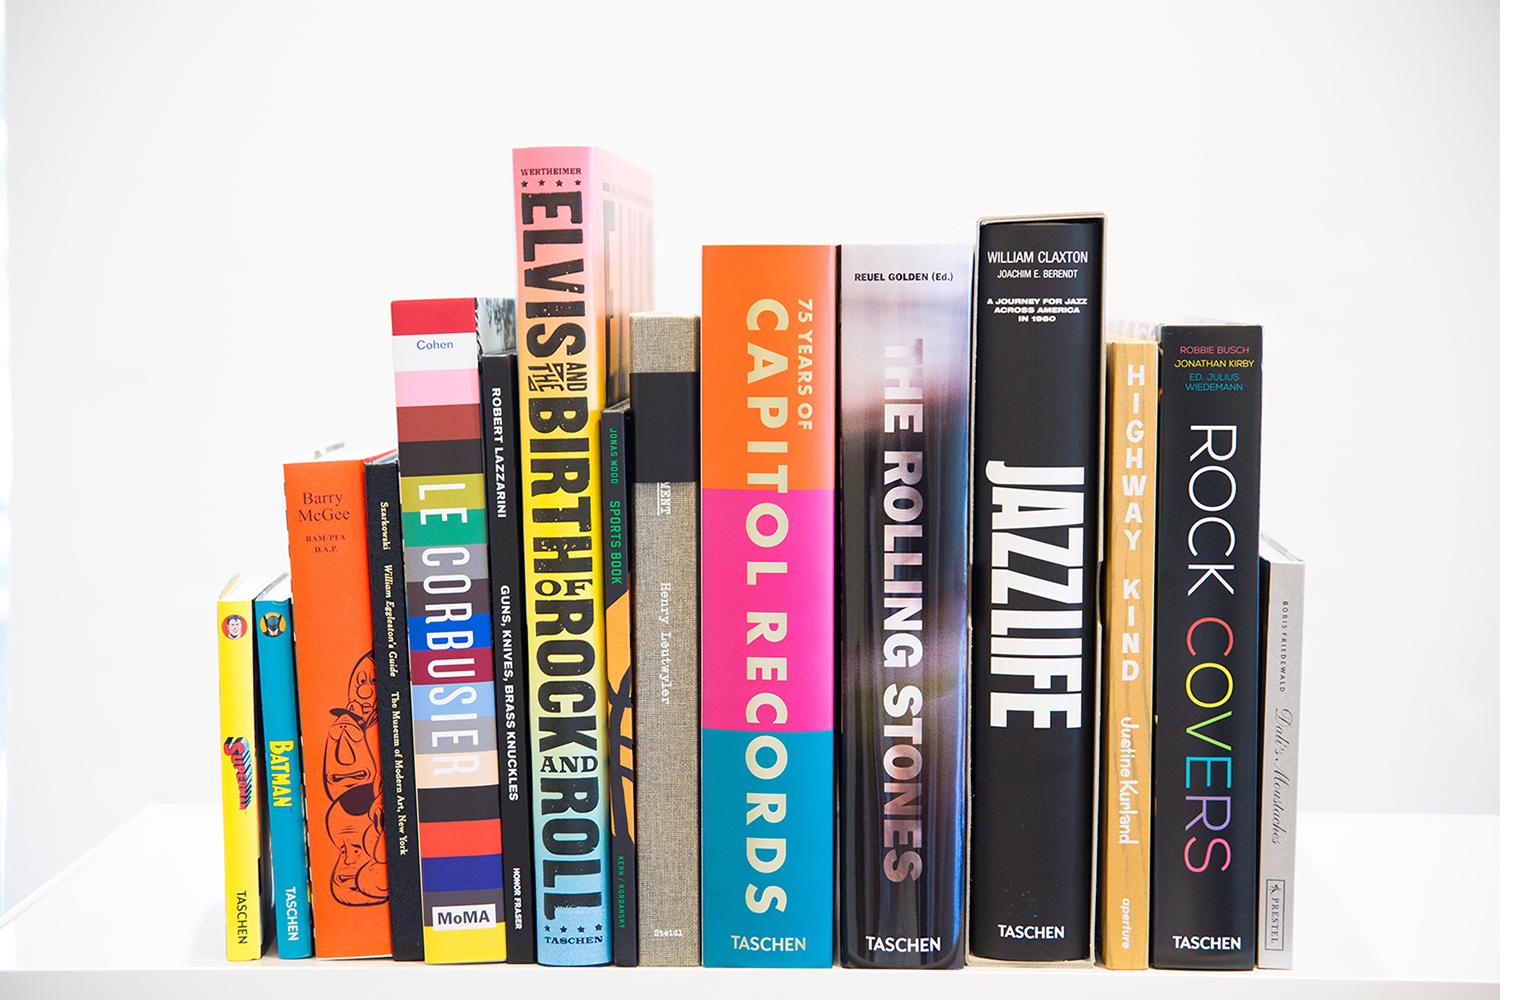 VerticalBooks.jpg